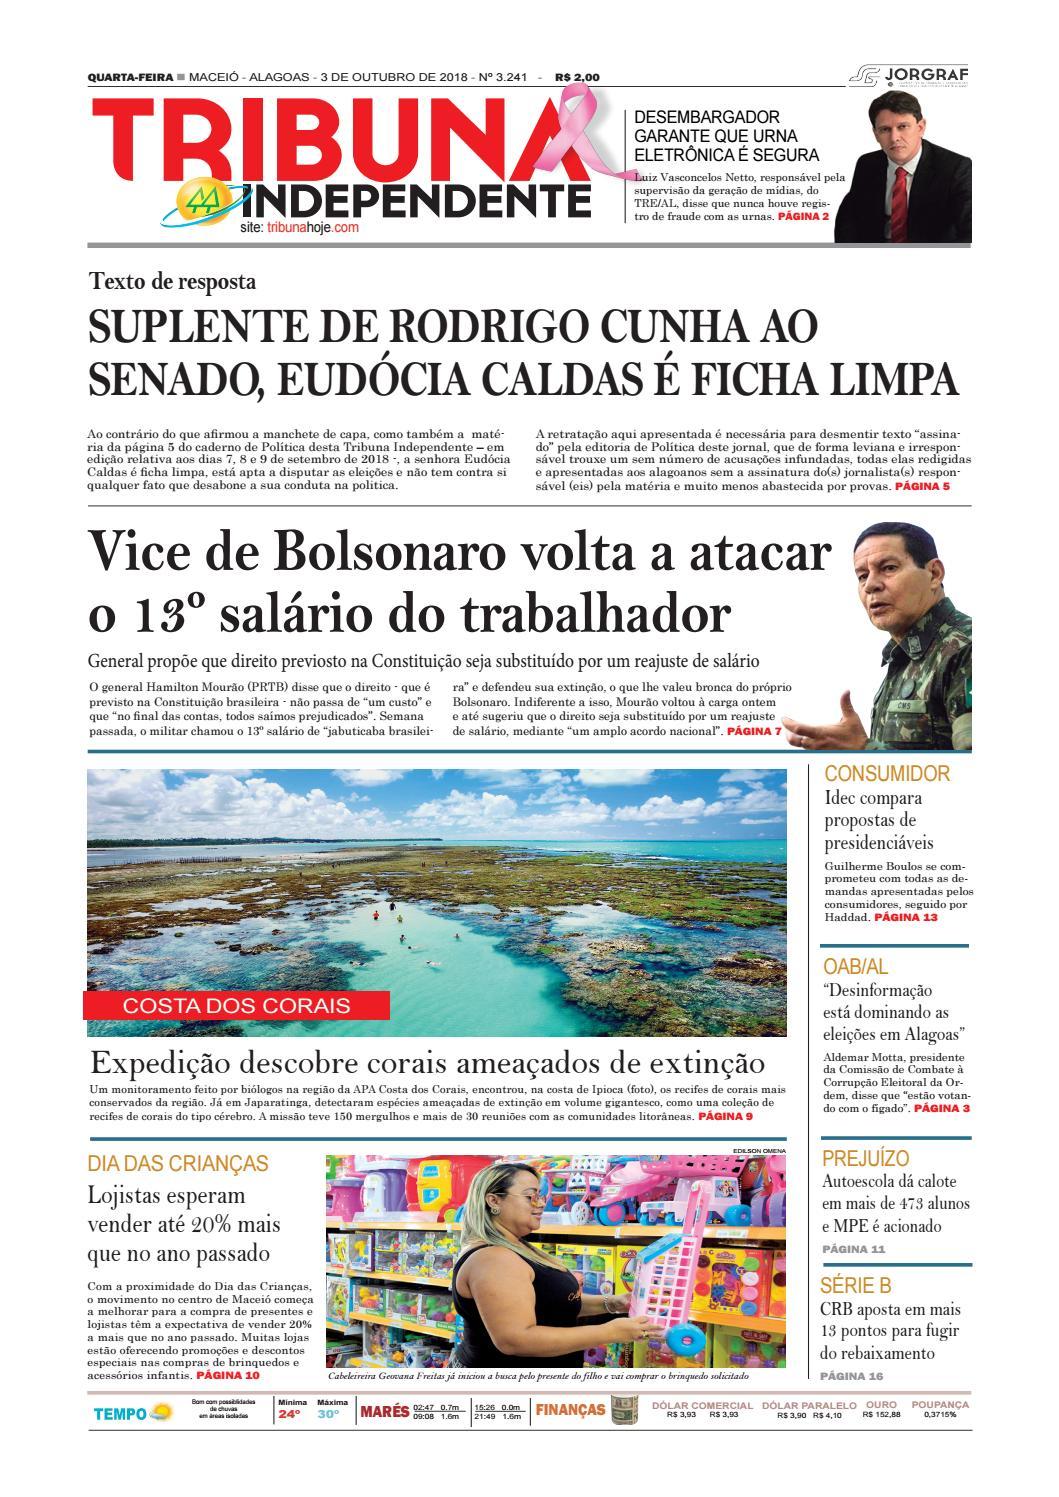 Edição número 3241 - 3 de outubro de 2018 by Tribuna Hoje - issuu 70a8163bb9866